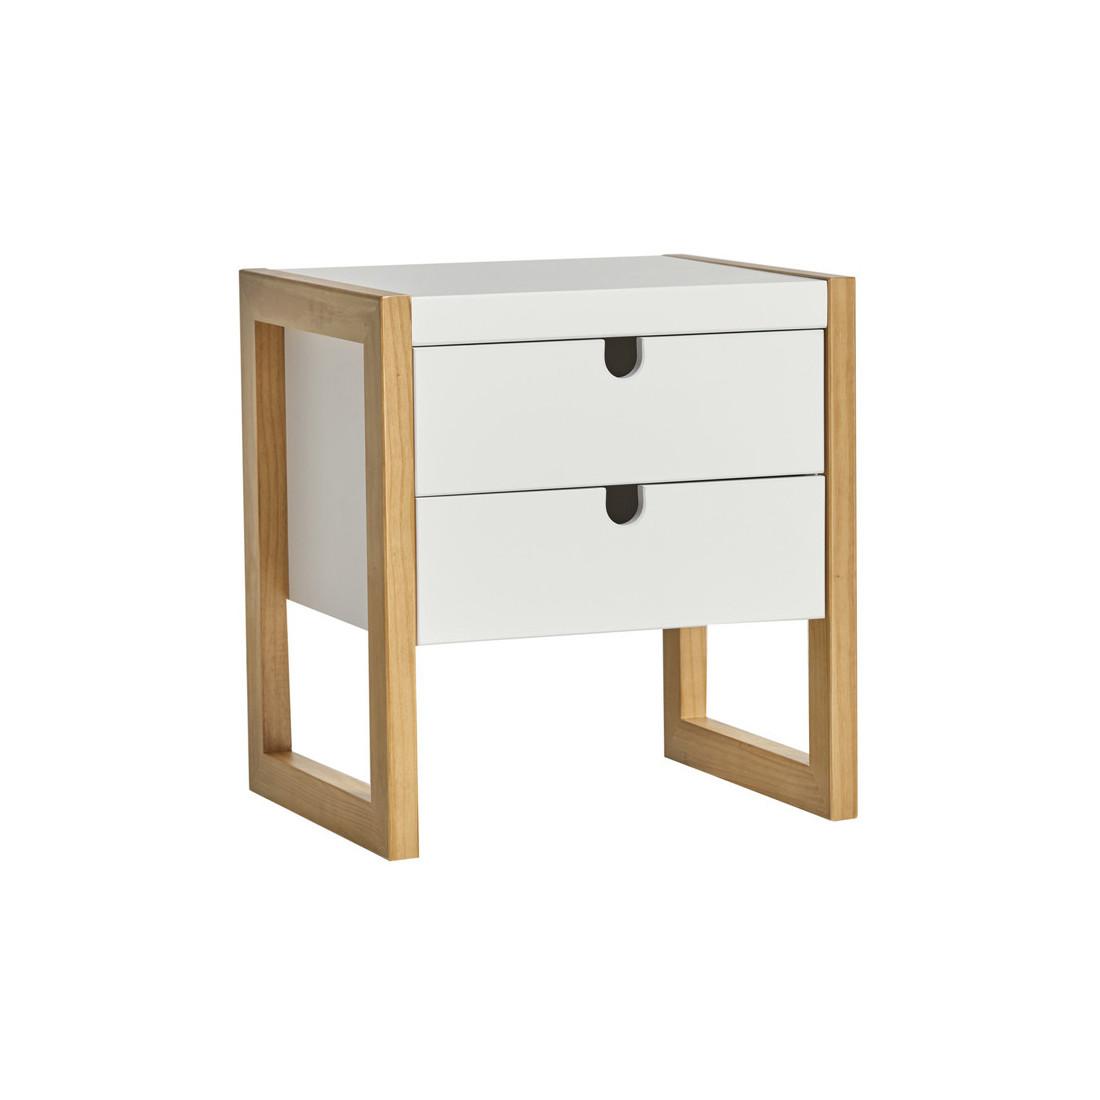 Table de chevet 2 tiroirs blanc ch ne odile univers de - Table de chevet chene clair ...